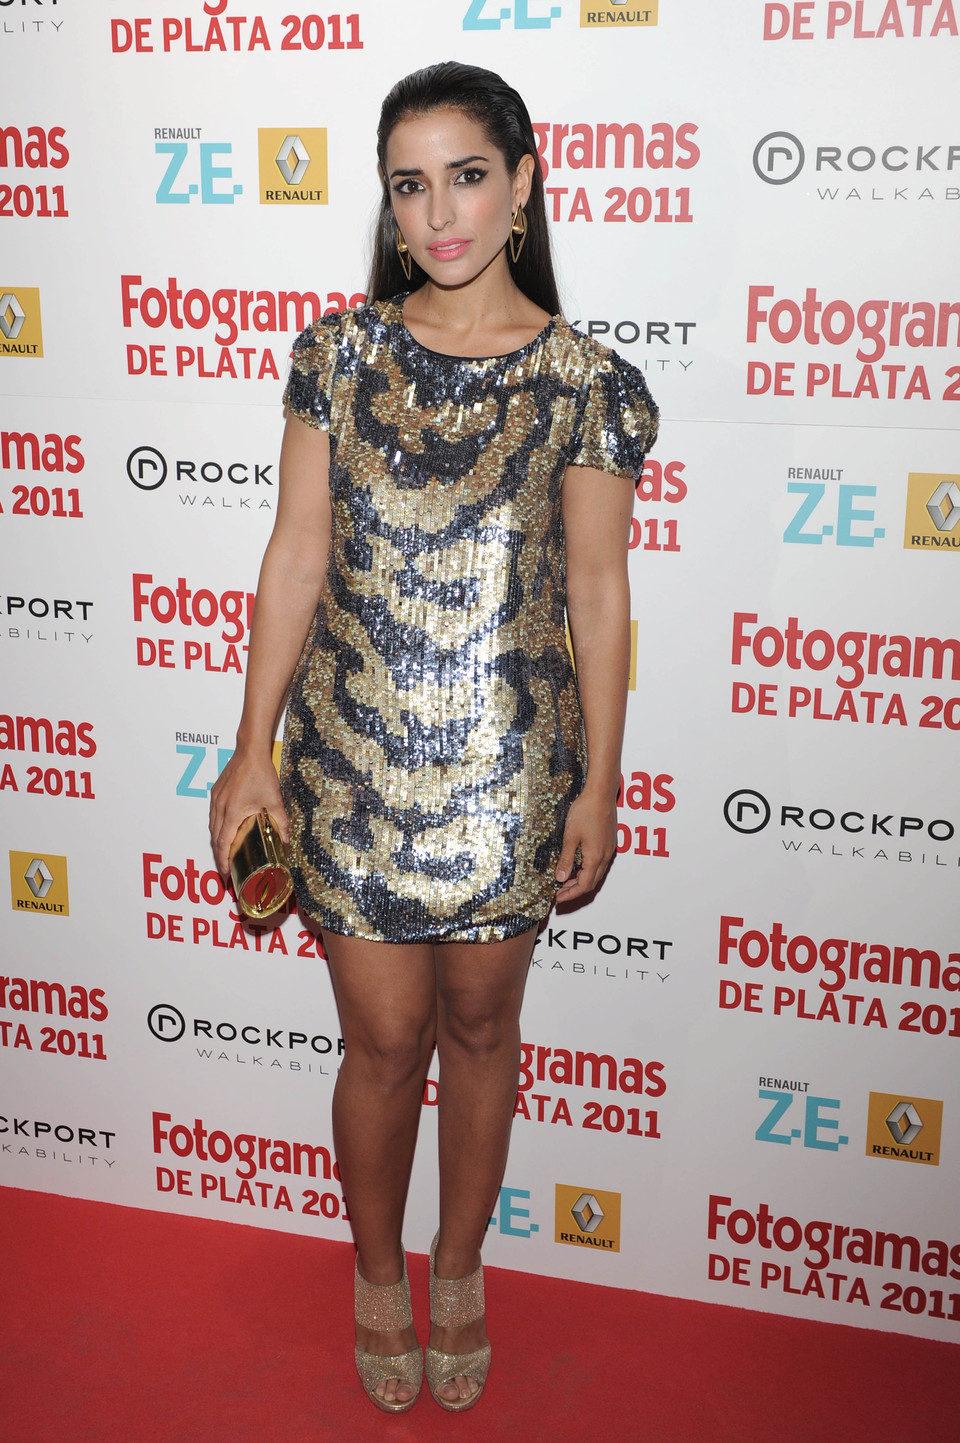 Inma Cuesta en los Fotogramas de Plata 2011